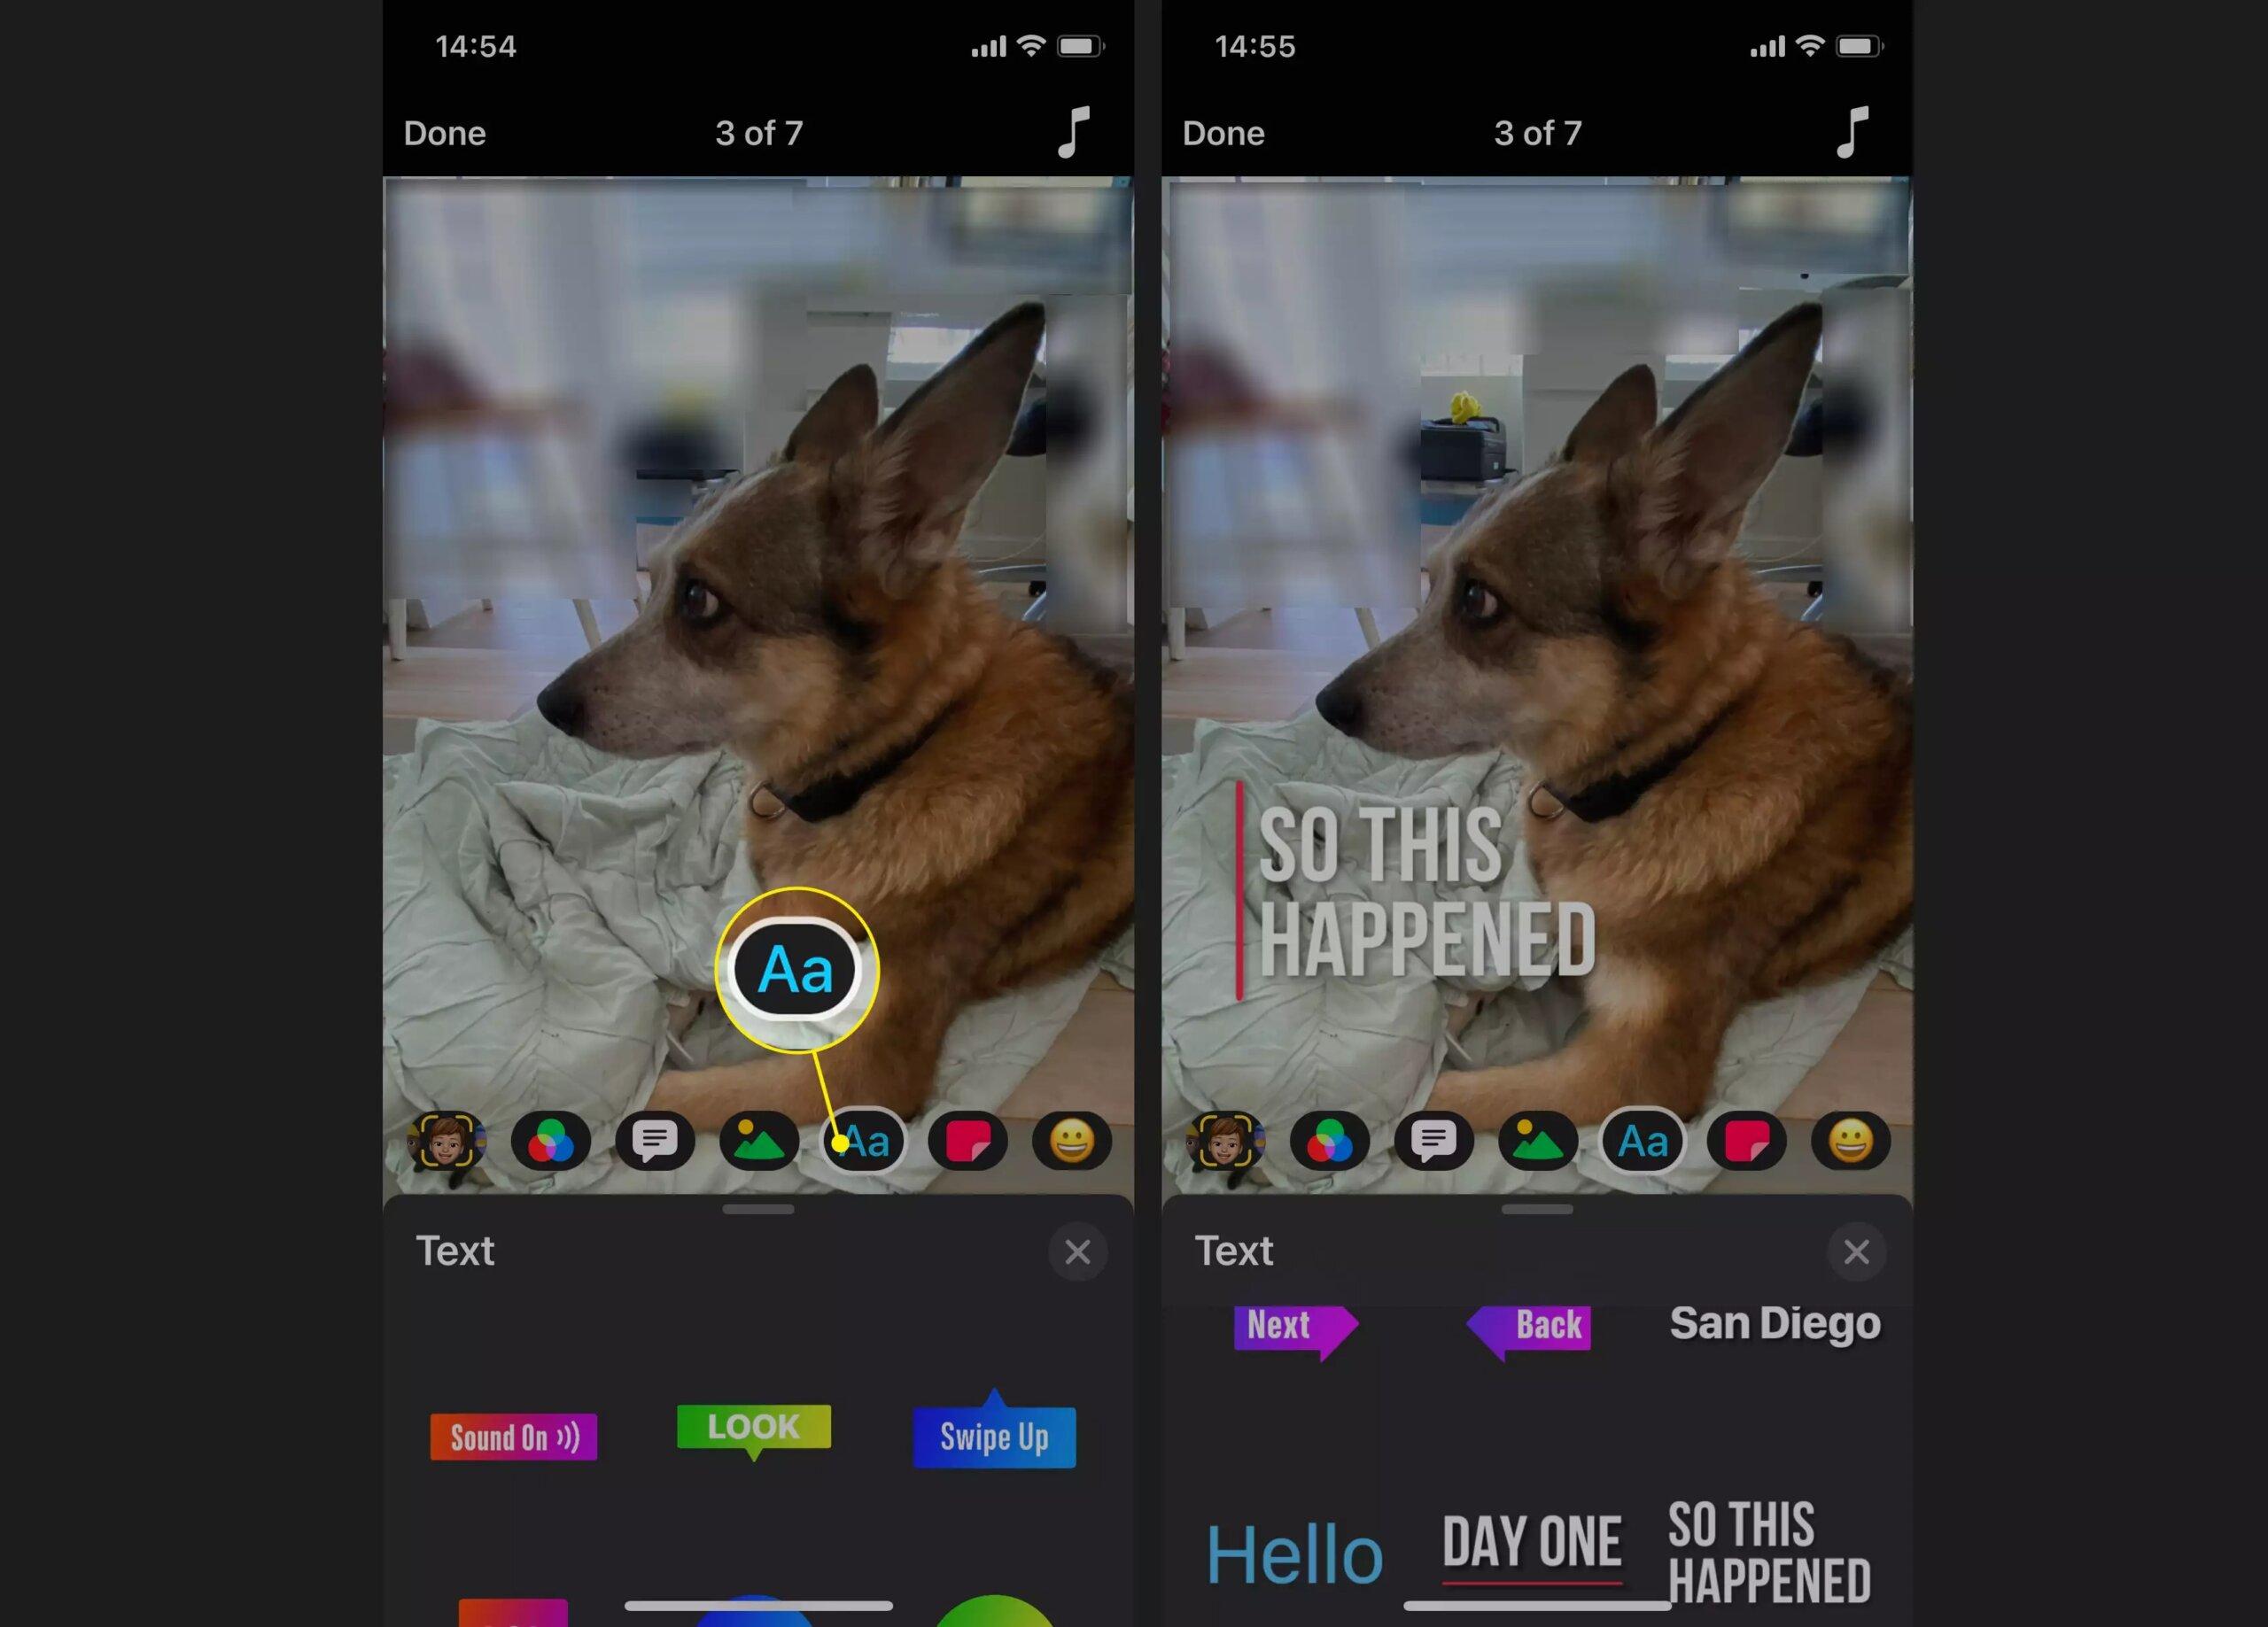 Cách làm video trên iPhone bằng app Clips có sẵn 27